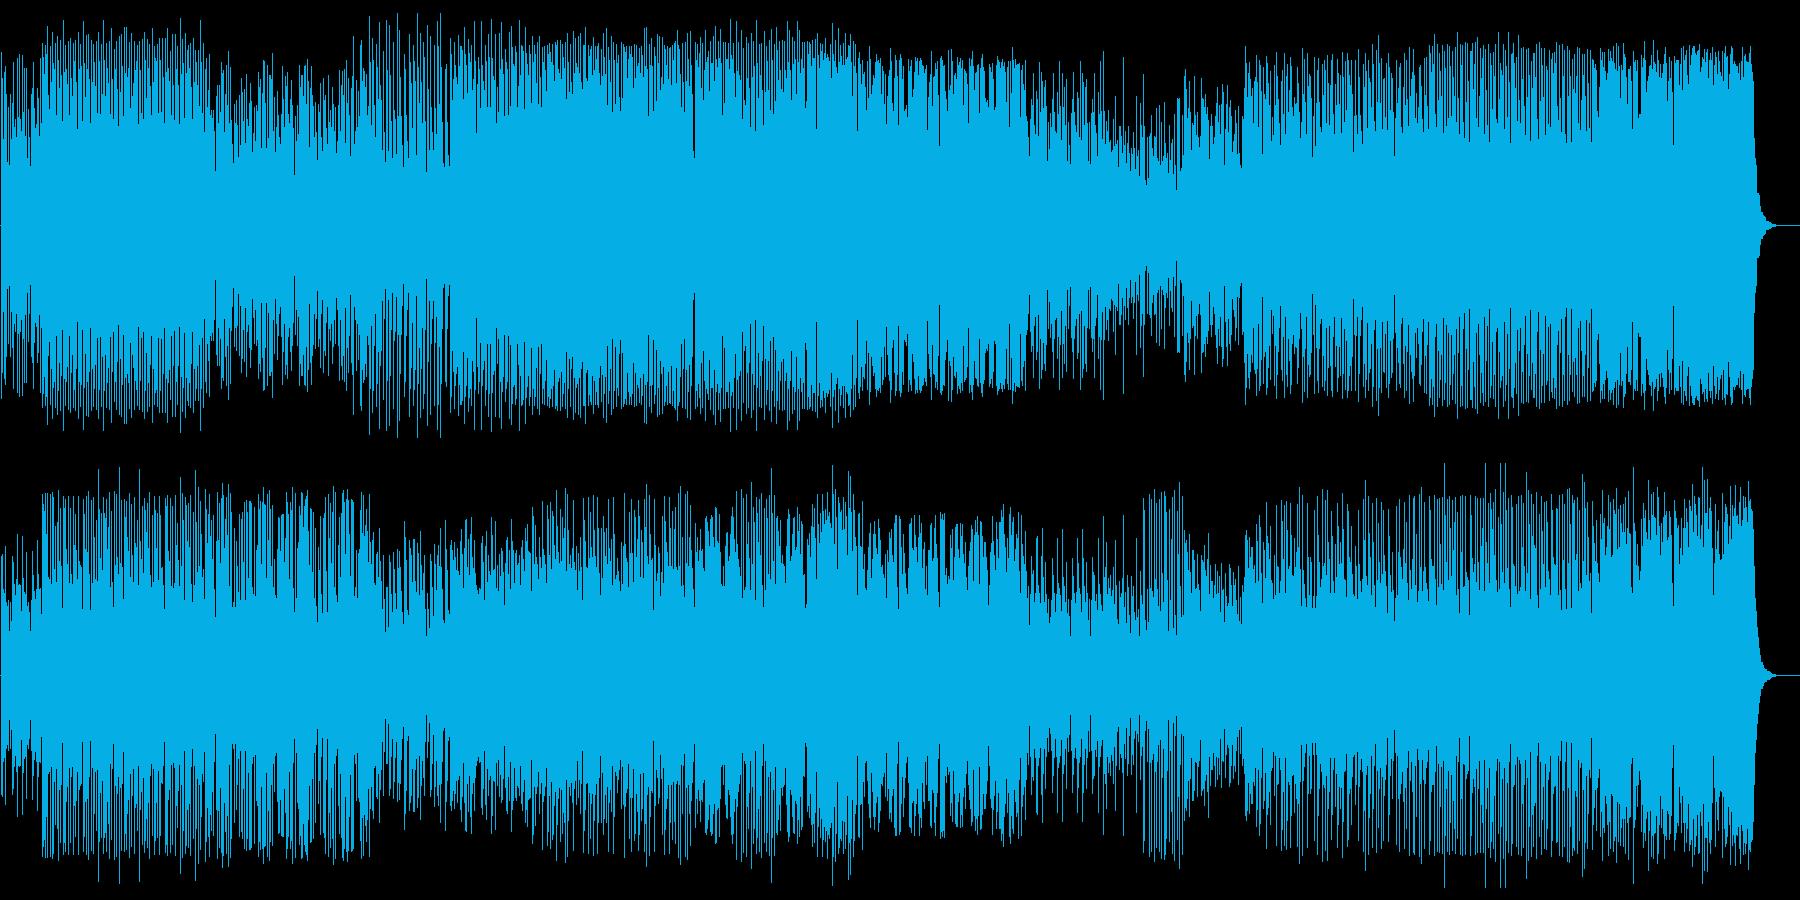 和風で躍動感ある三味線サウンドの再生済みの波形